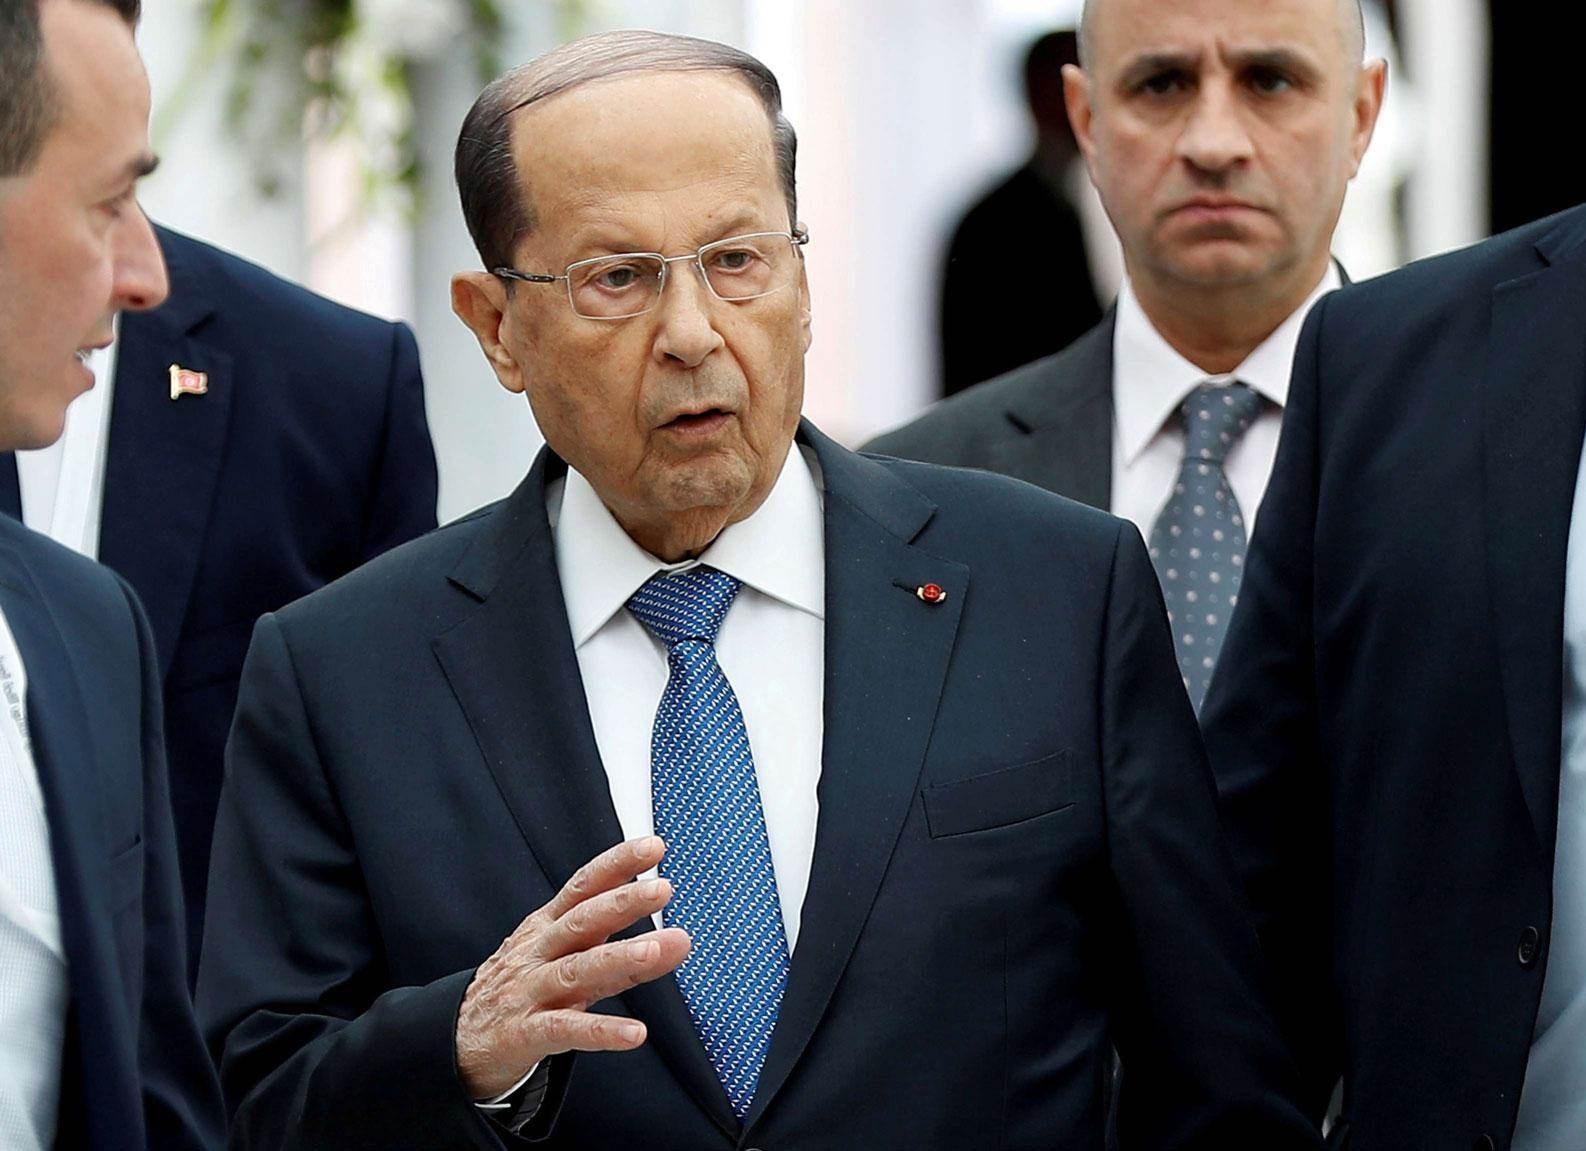 عون: الحادث فك الحصار عن لبنان وستبدأ عملية إعادة الإعمار بأسرع وقت